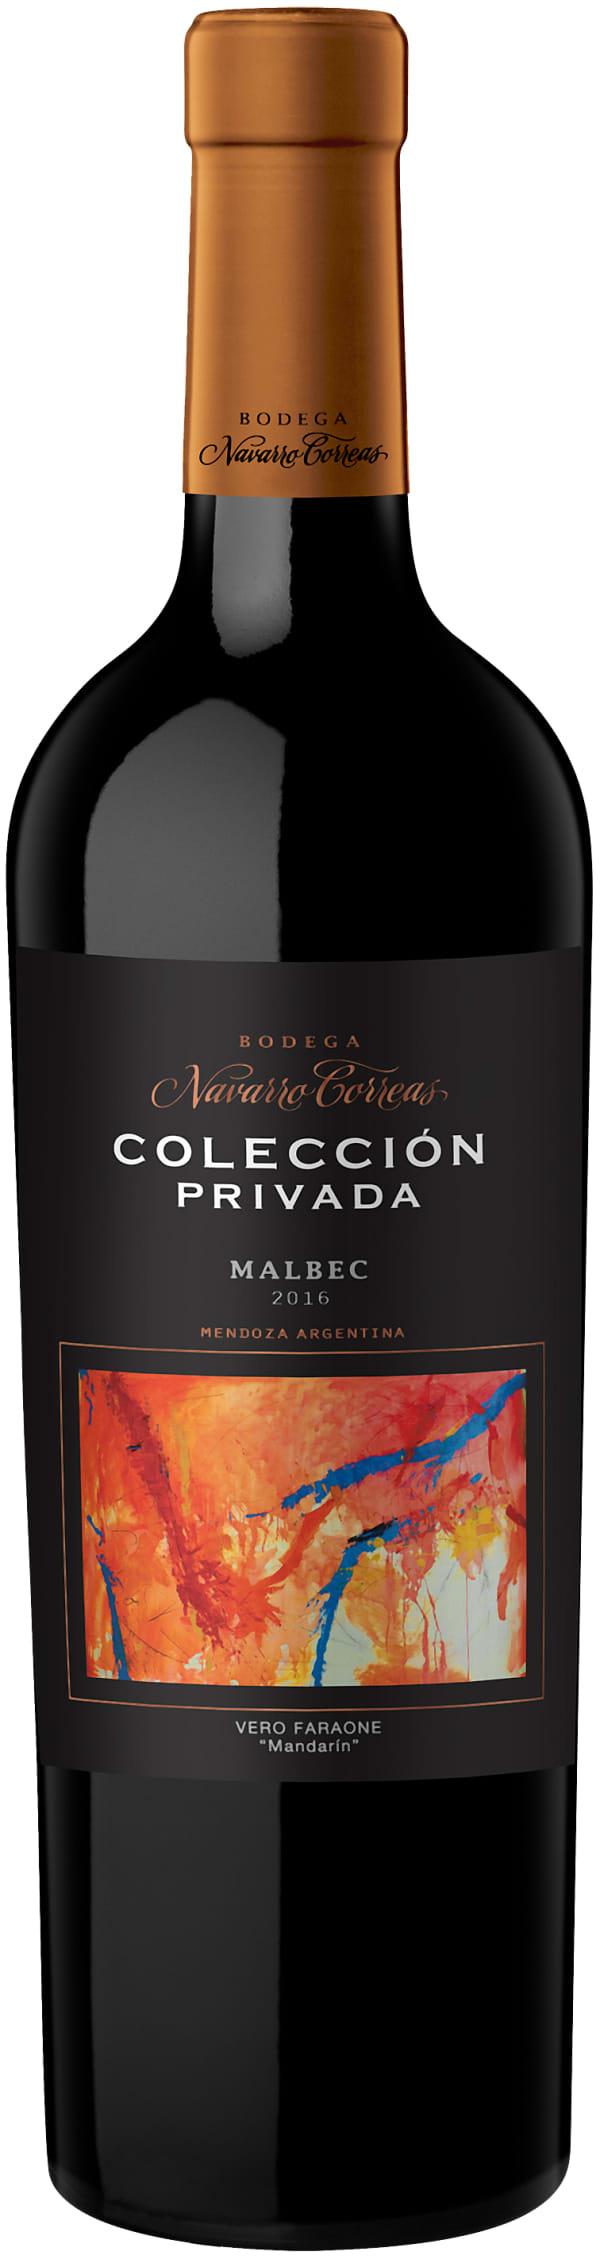 Navarro Correas Colección Privada Malbec 2019